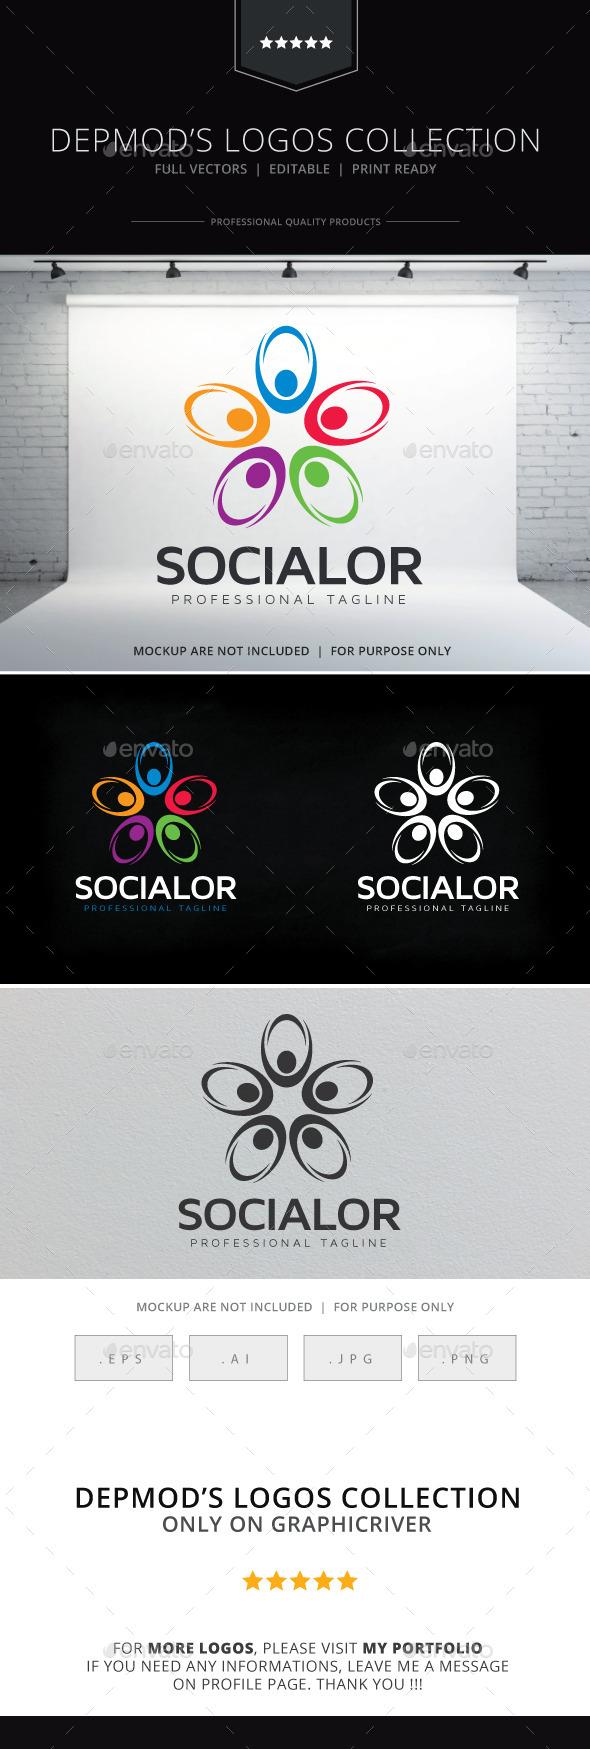 GraphicRiver Socialor Logo 10615689